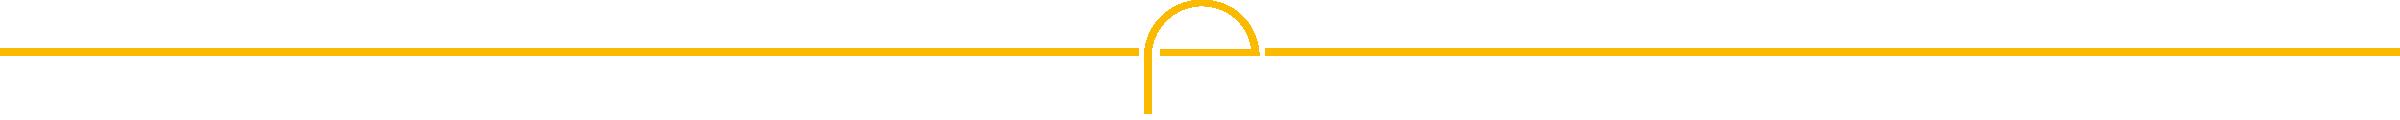 Thyen & Partner Steuerberatungsgesellschaft Logo